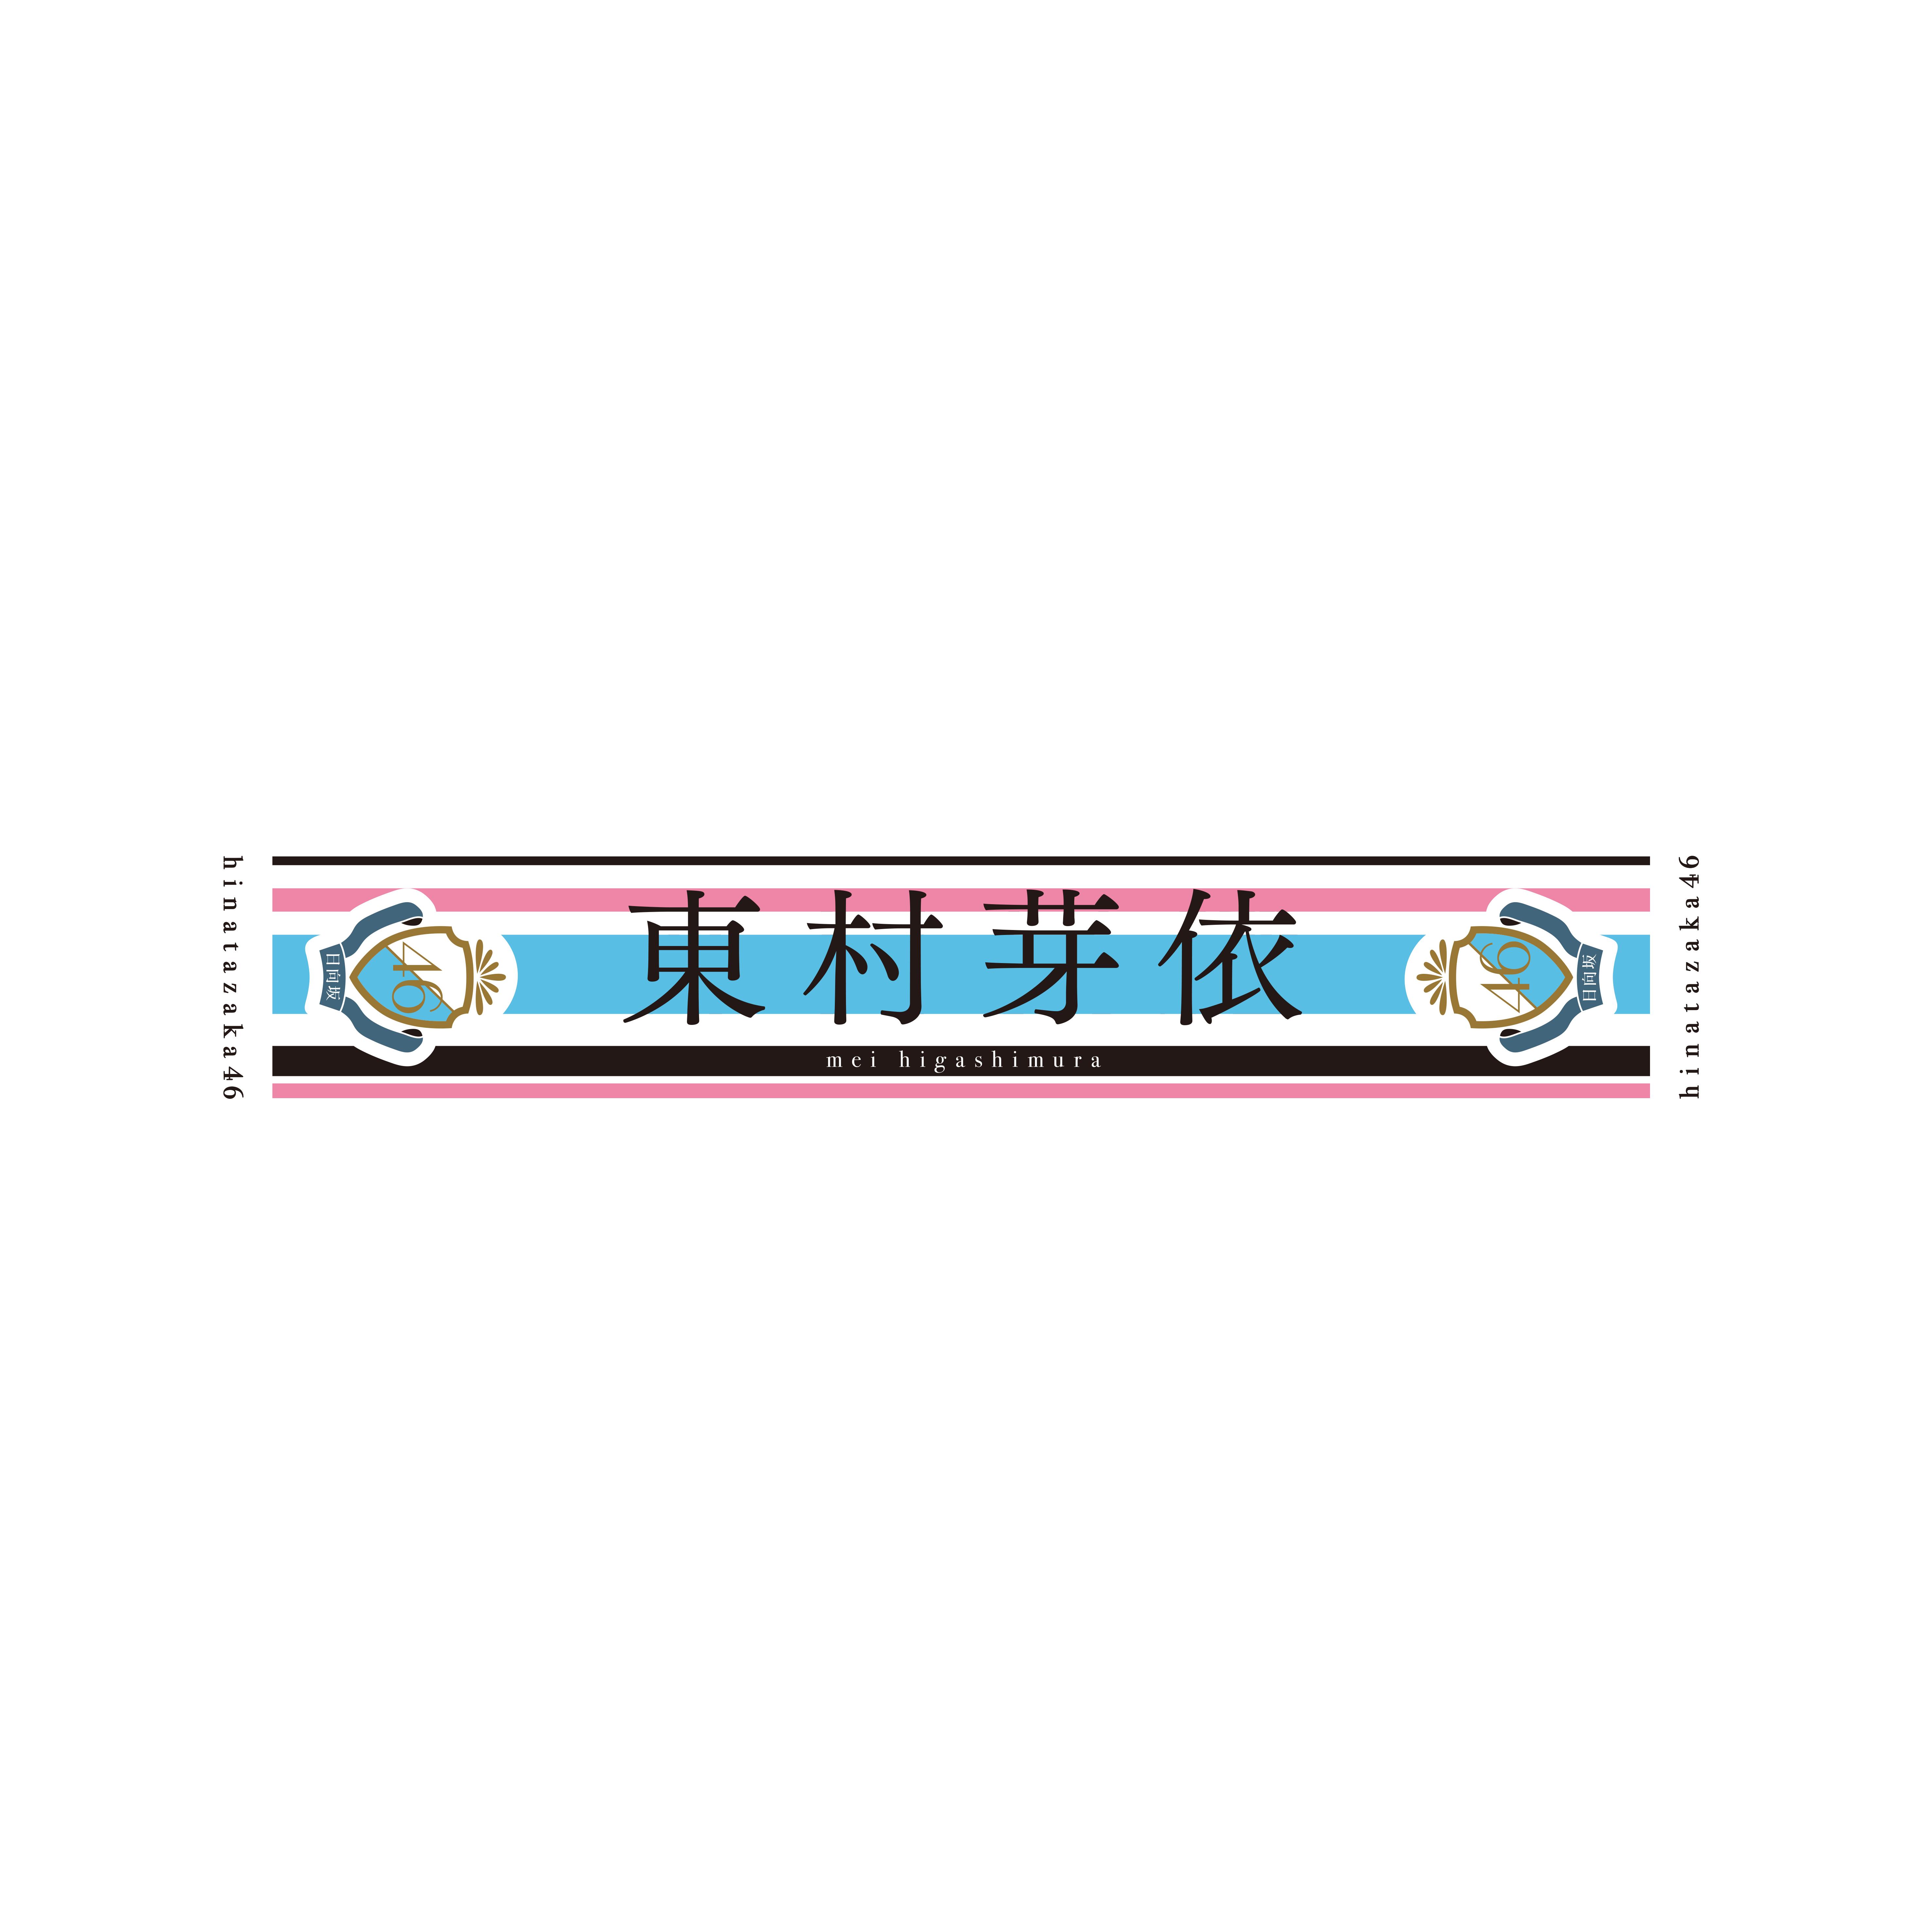 【通常配送】日向坂46 デビューシングル推しメンマフラータオル 東村芽依